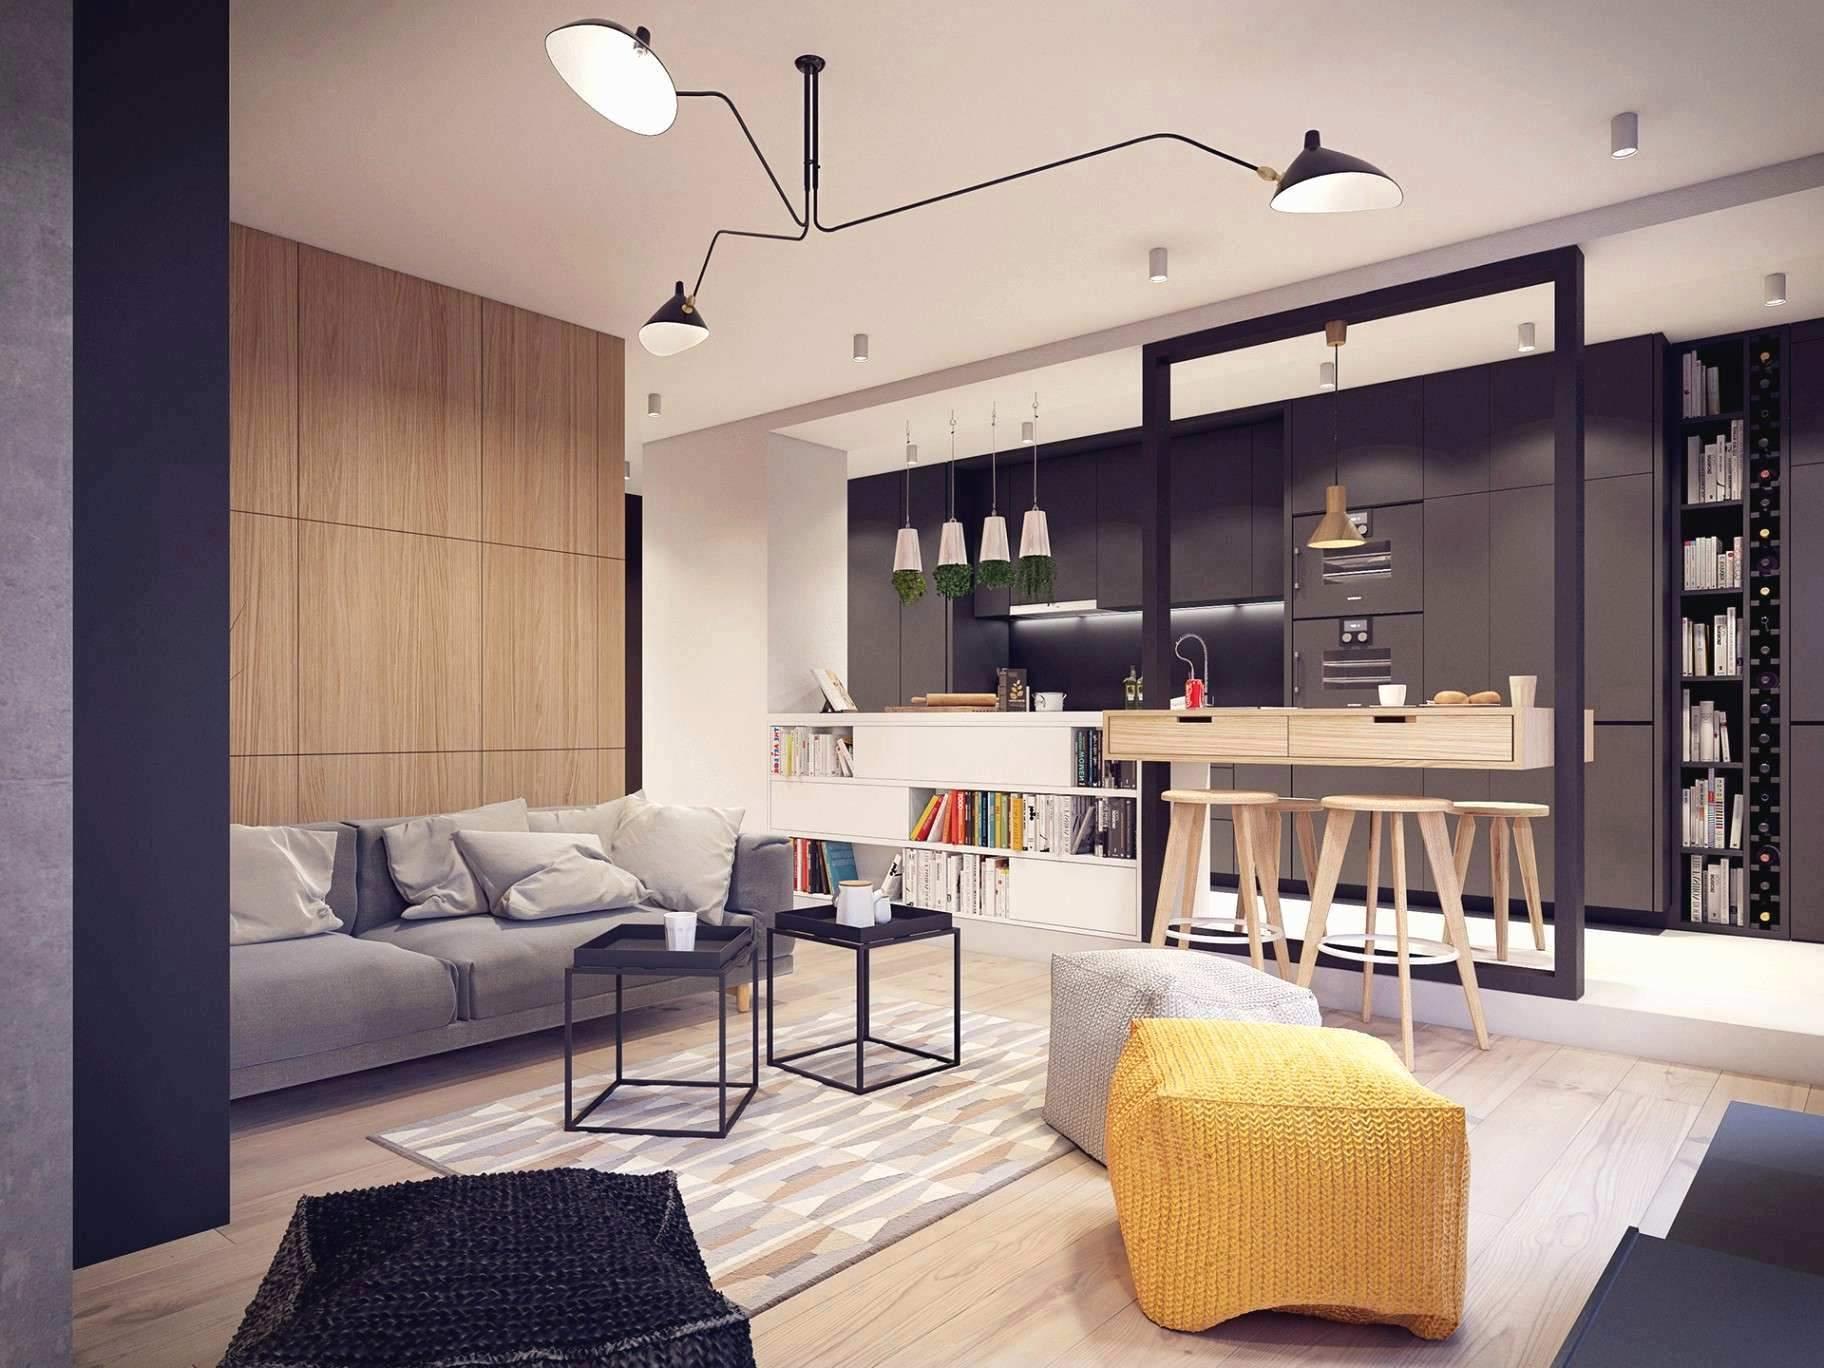 led beleuchtung wohnzimmer decke schon 50 oben von von lampen decke led planen of led beleuchtung wohnzimmer decke